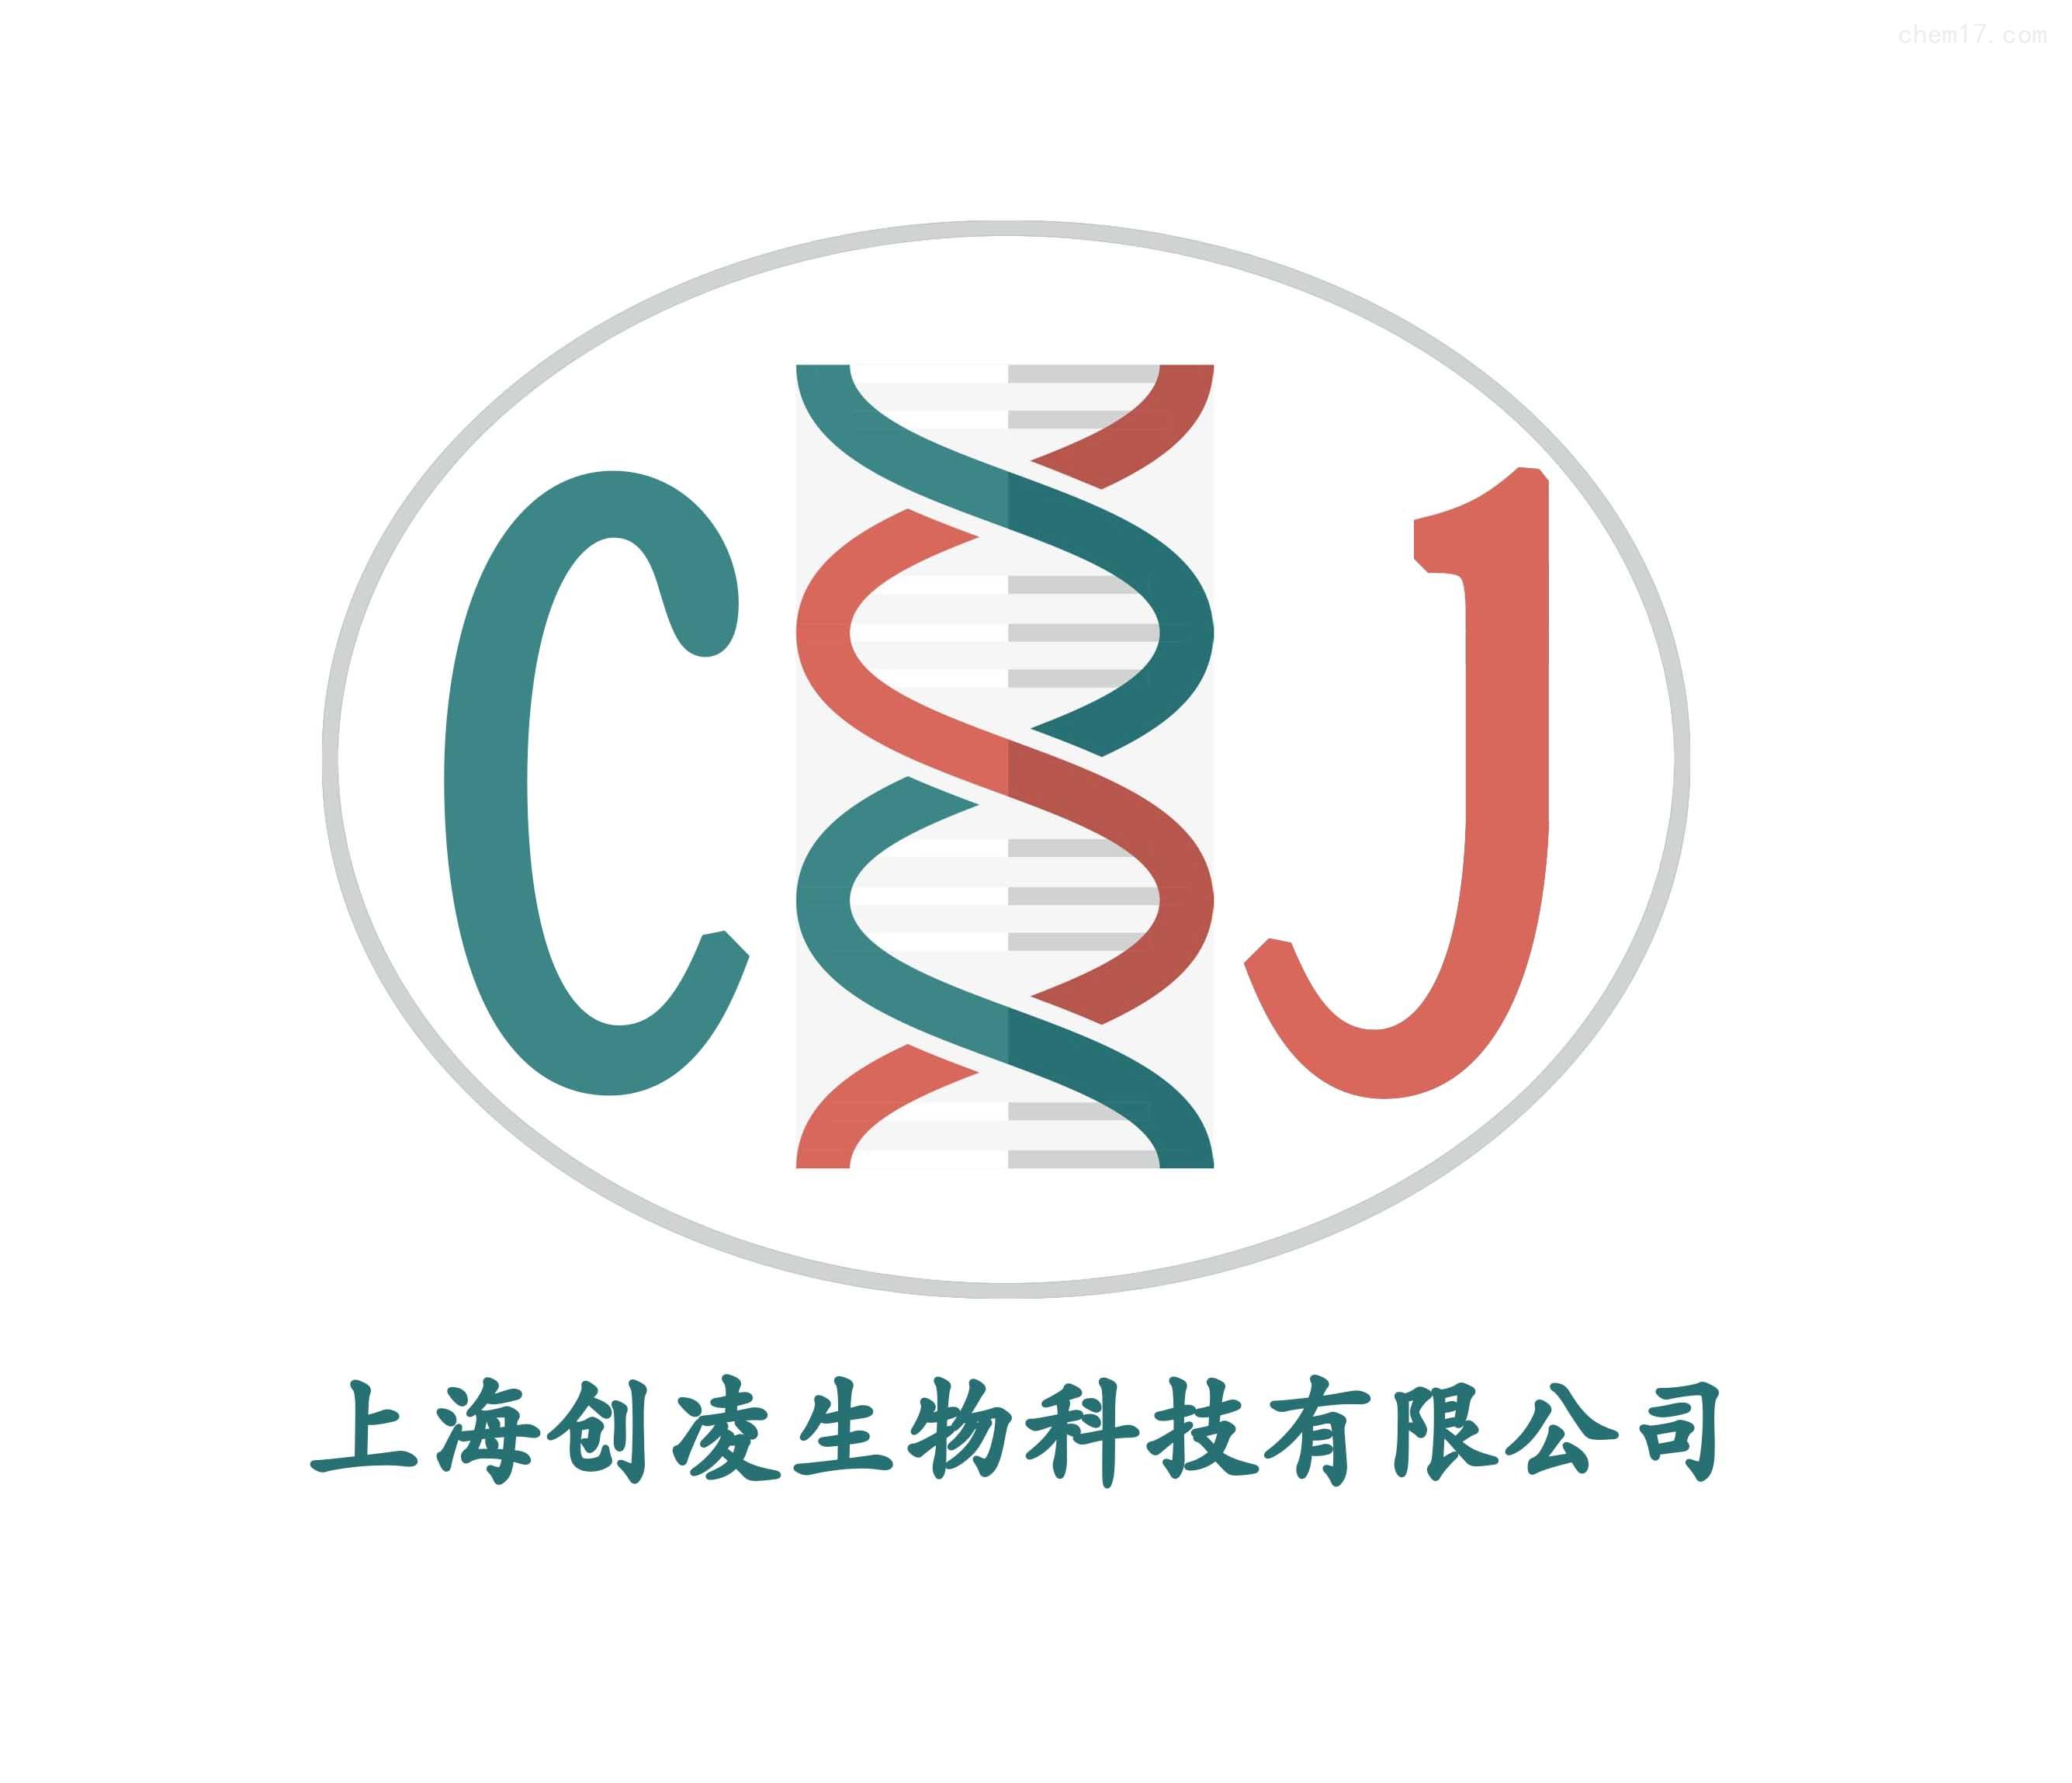 双荧光素酶报告基因检测技术服务分子生物学